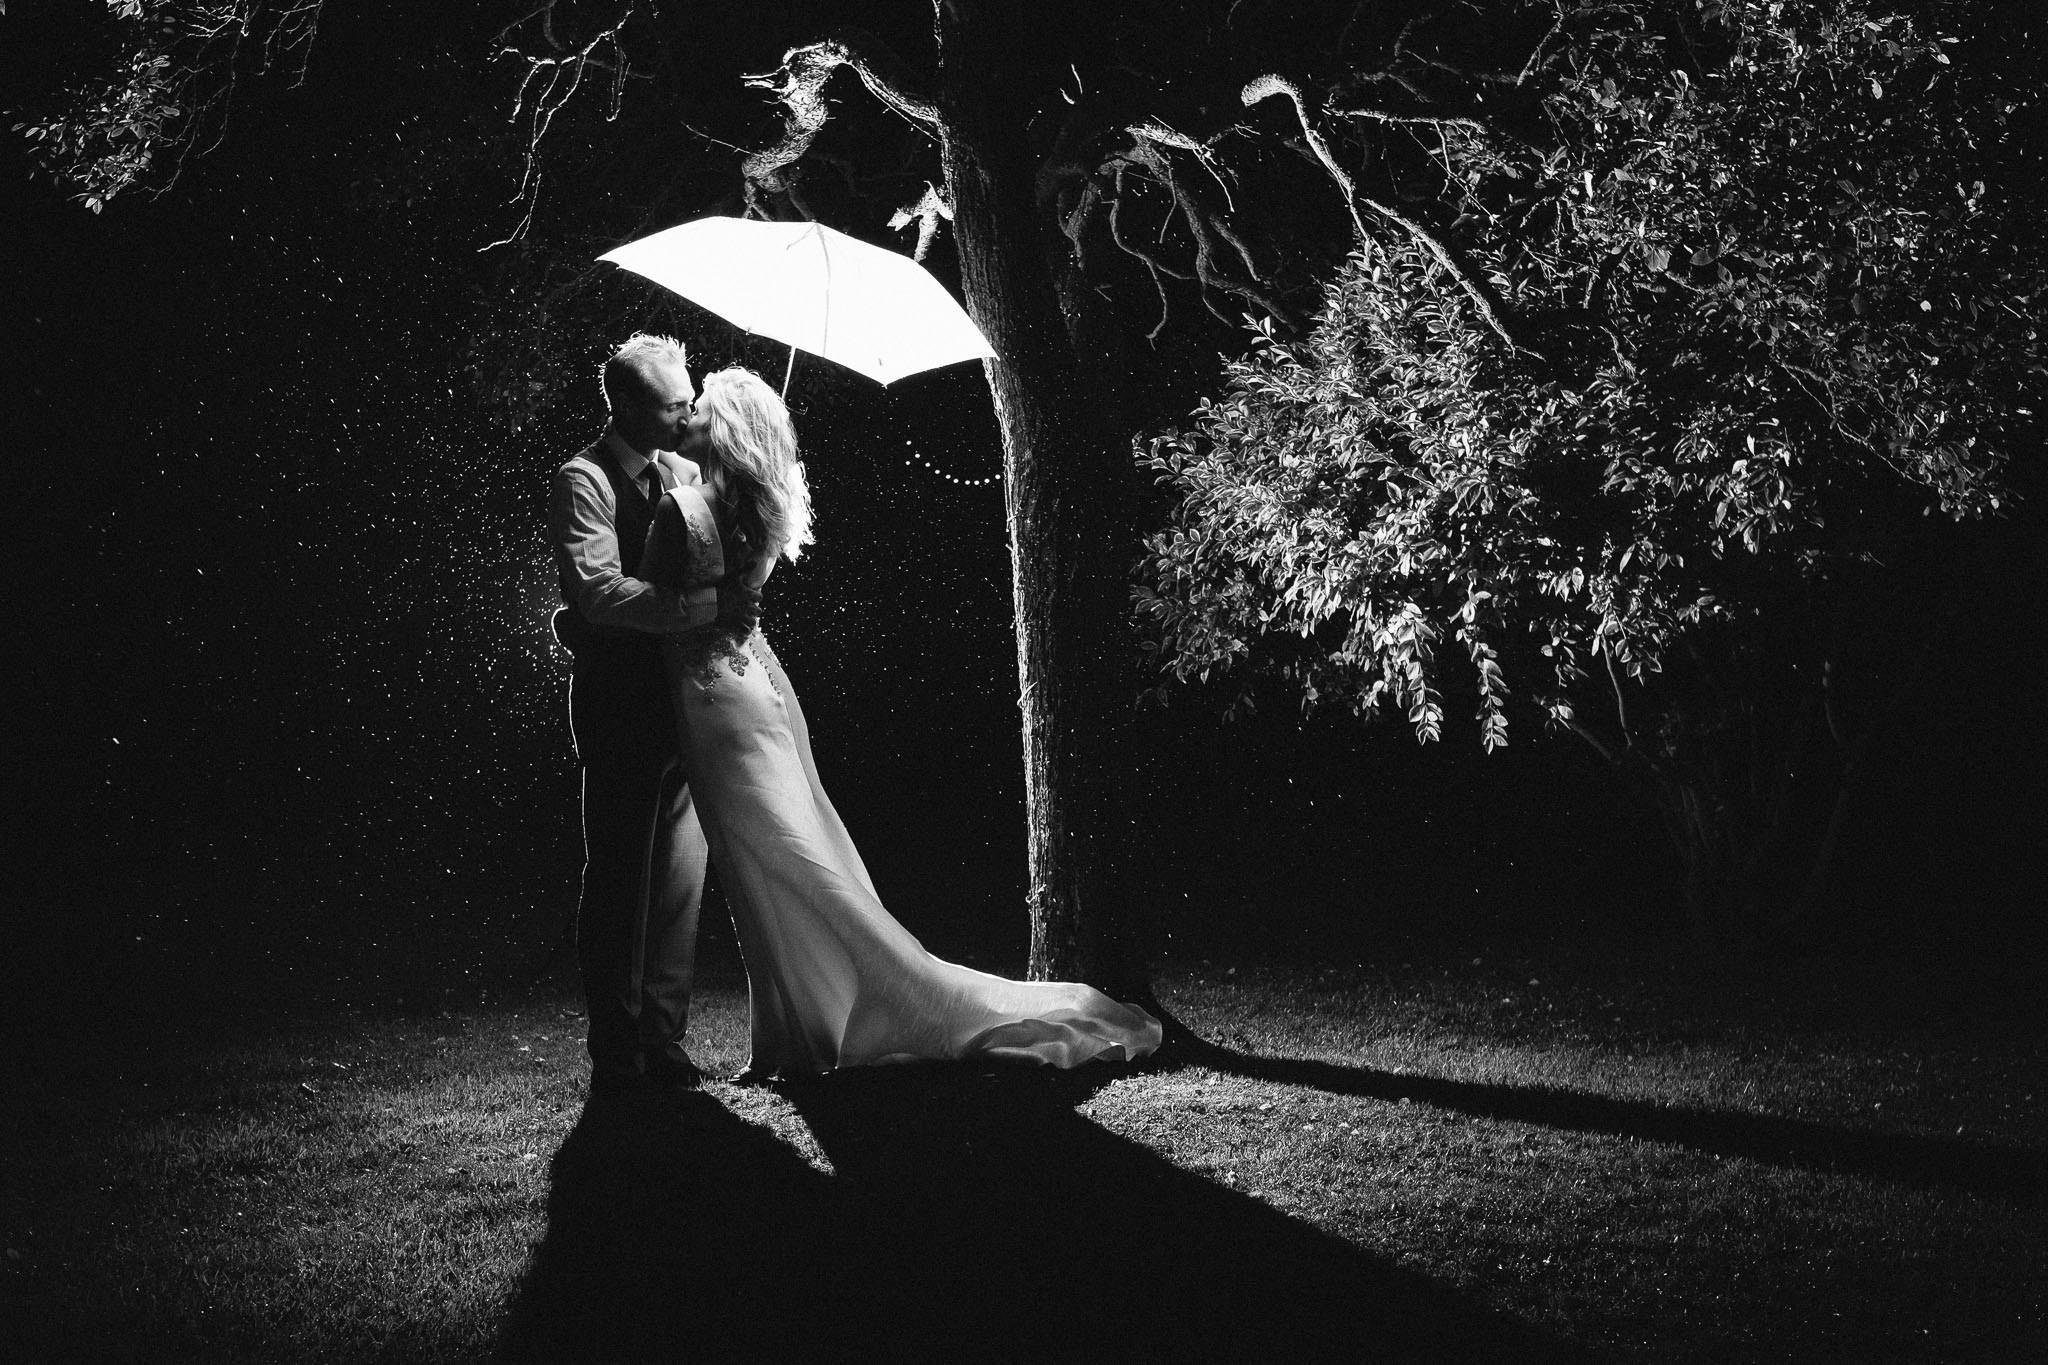 Zoe & Ed's rainy romantic wedding portrait